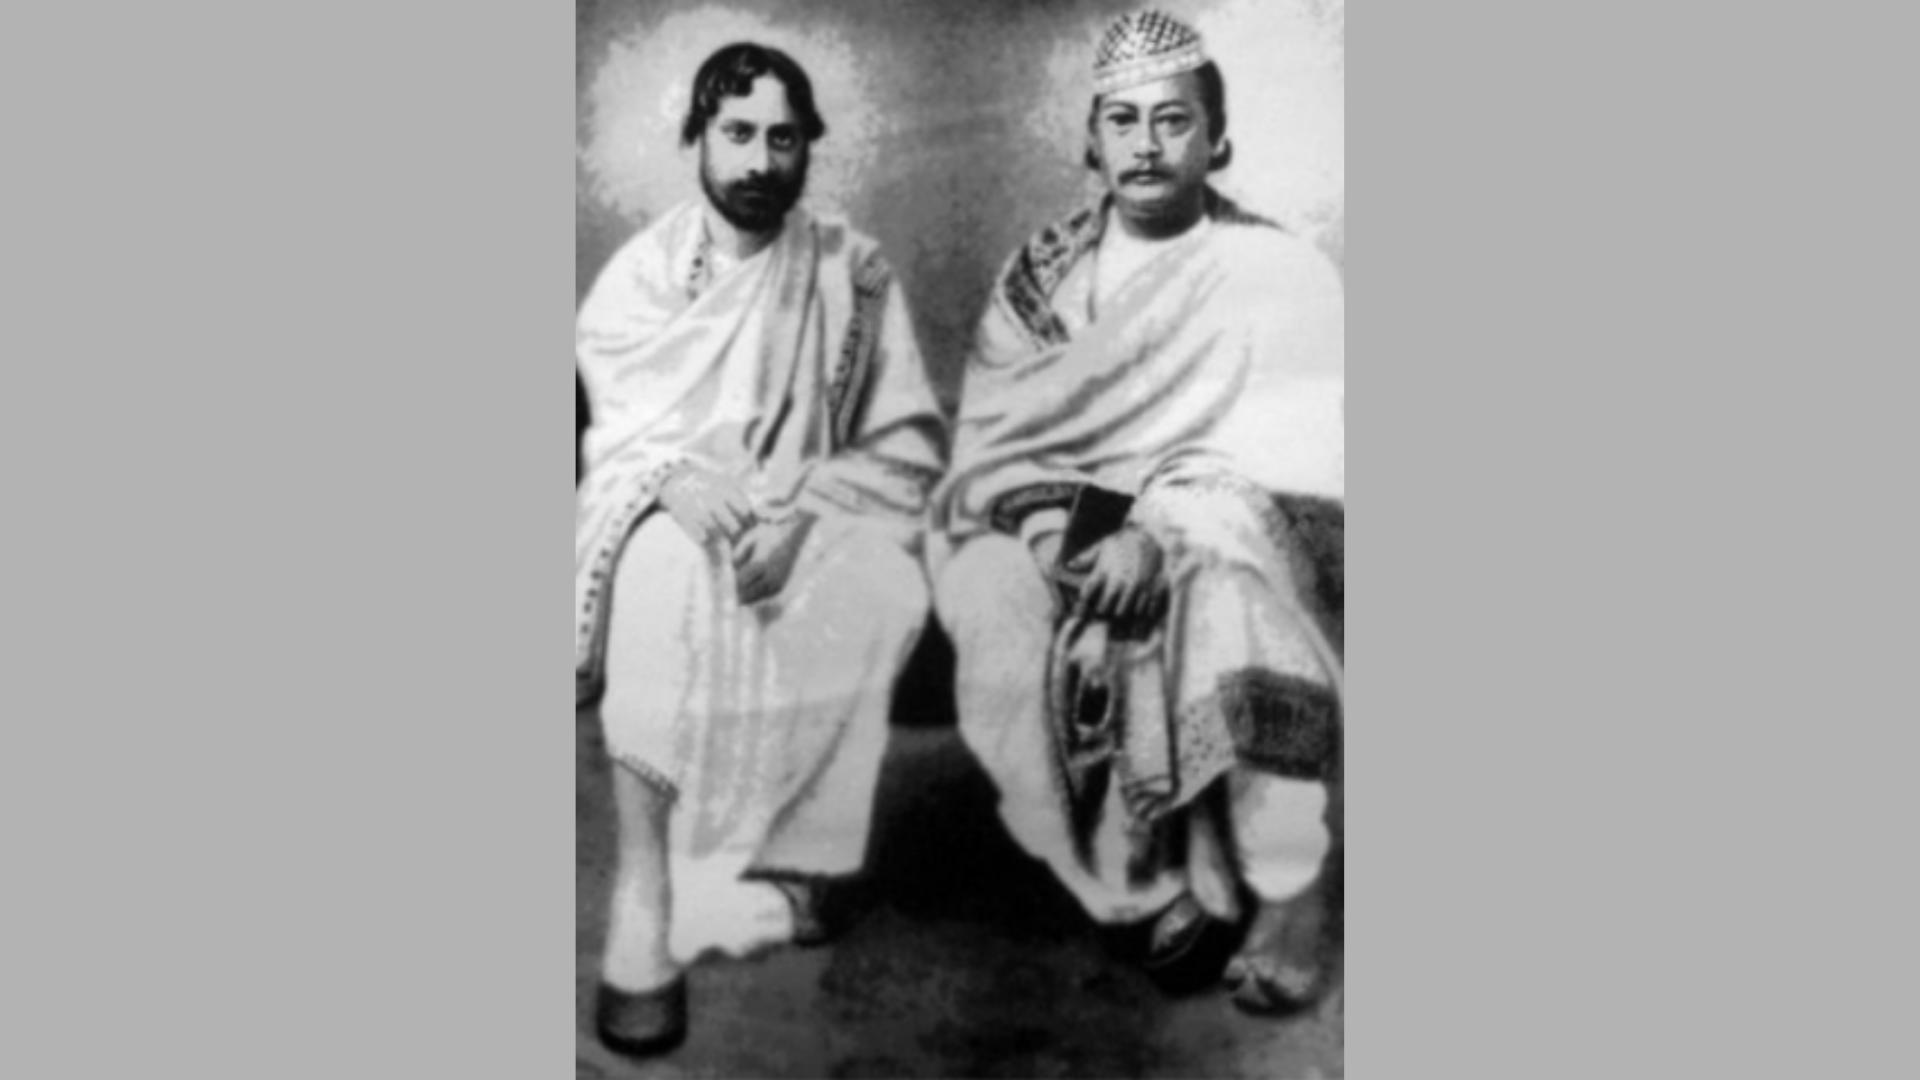 रवींद्रनाथ टैगोर और त्रिपुरा के शाही परिवार का दोस्ताना